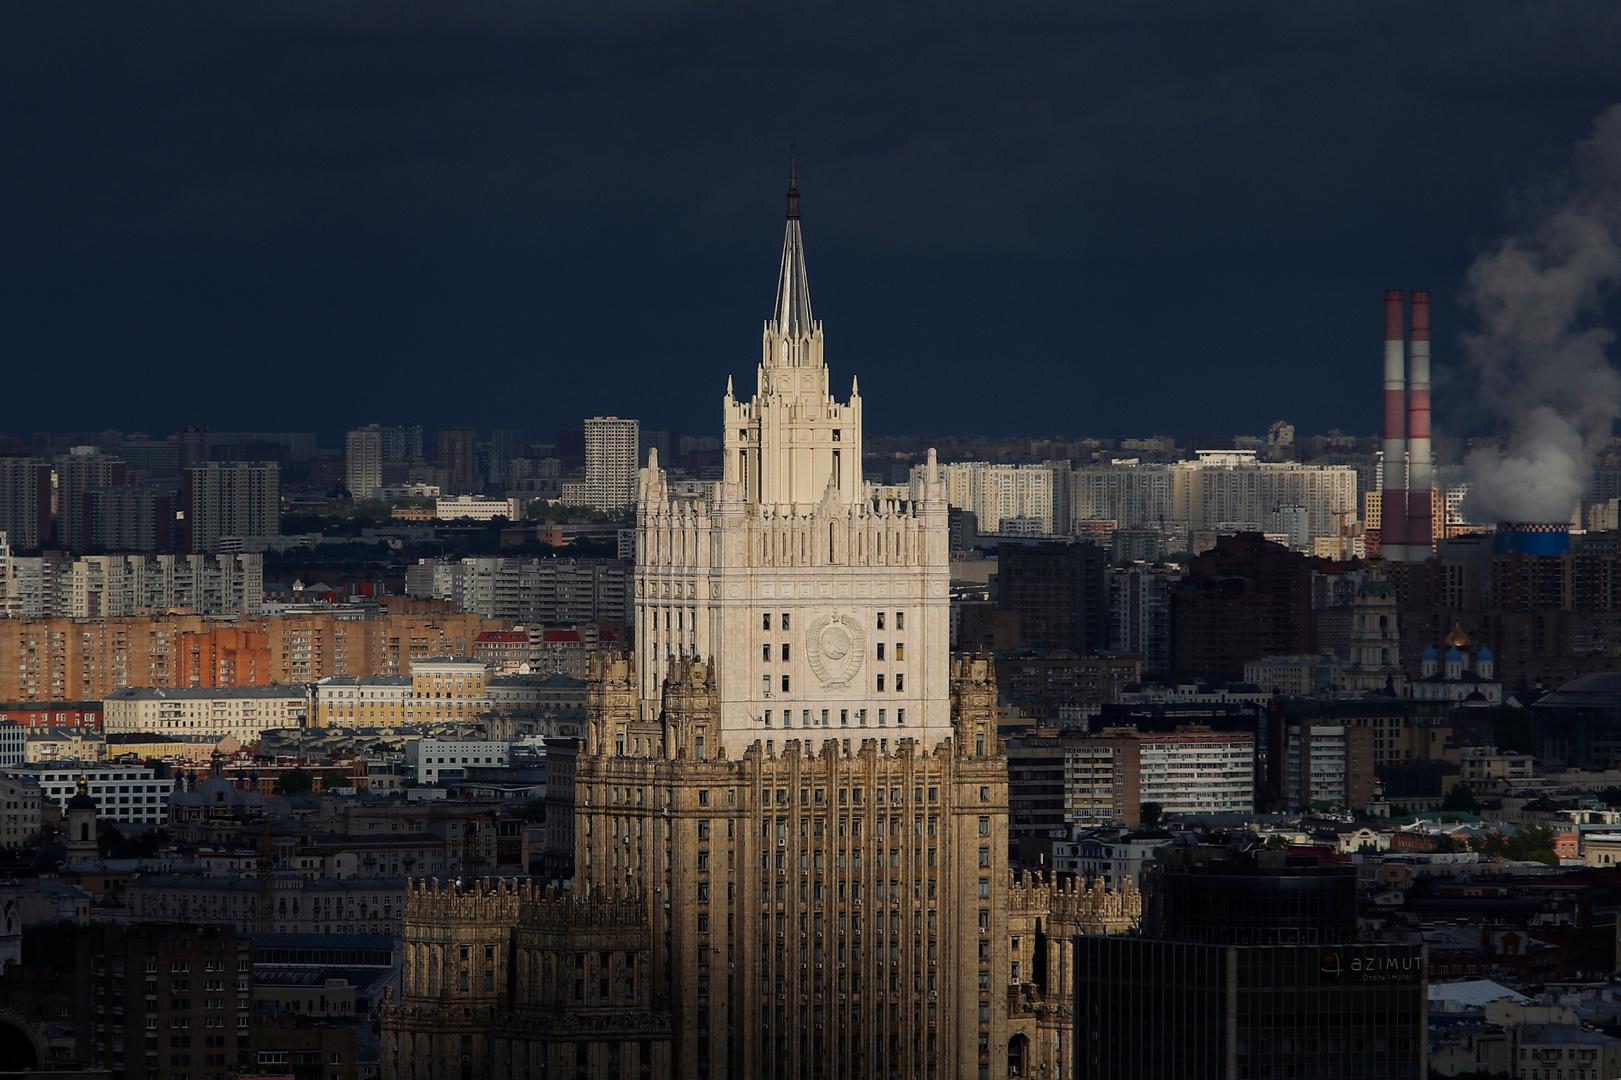 الخارجية الروسية: العلاقات مع الاتحاد الأوروبي تقترب من الانهيار